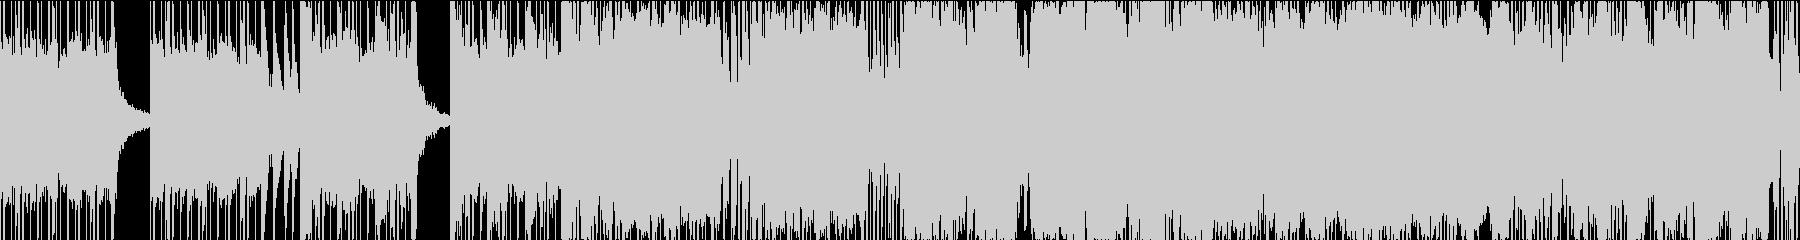 不思議な感じのフュージョン曲 STGにの未再生の波形